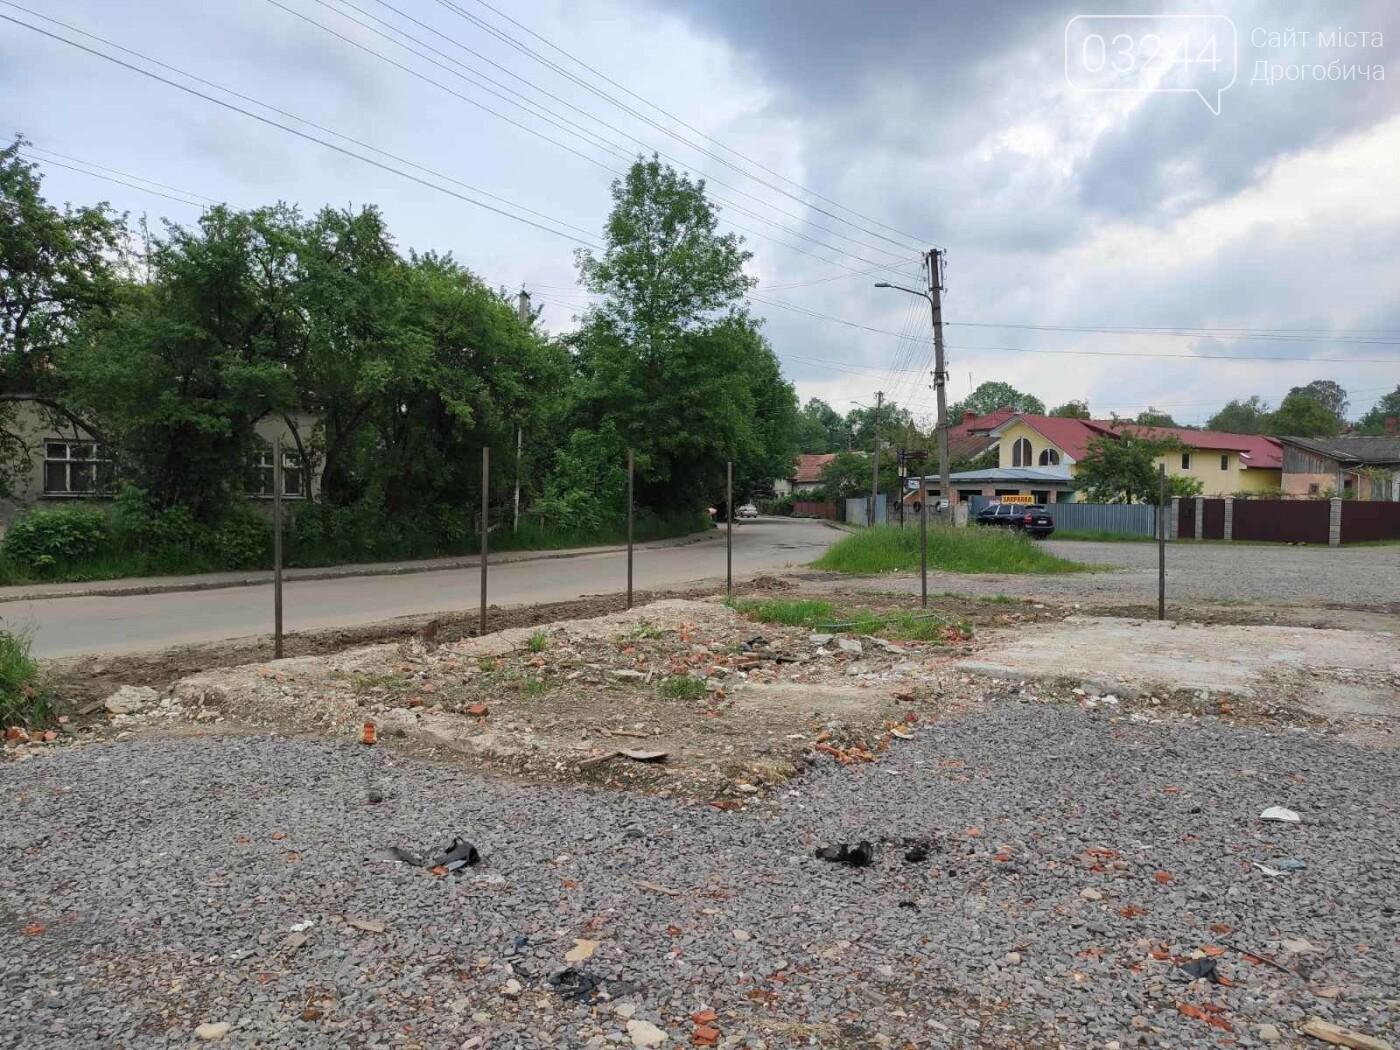 На Солоному Ставку облаштовують безкоштовну парковку. У планах комунальників – встановити платні  паркомати на 3 прилеглих вулицях до центру, фото-1